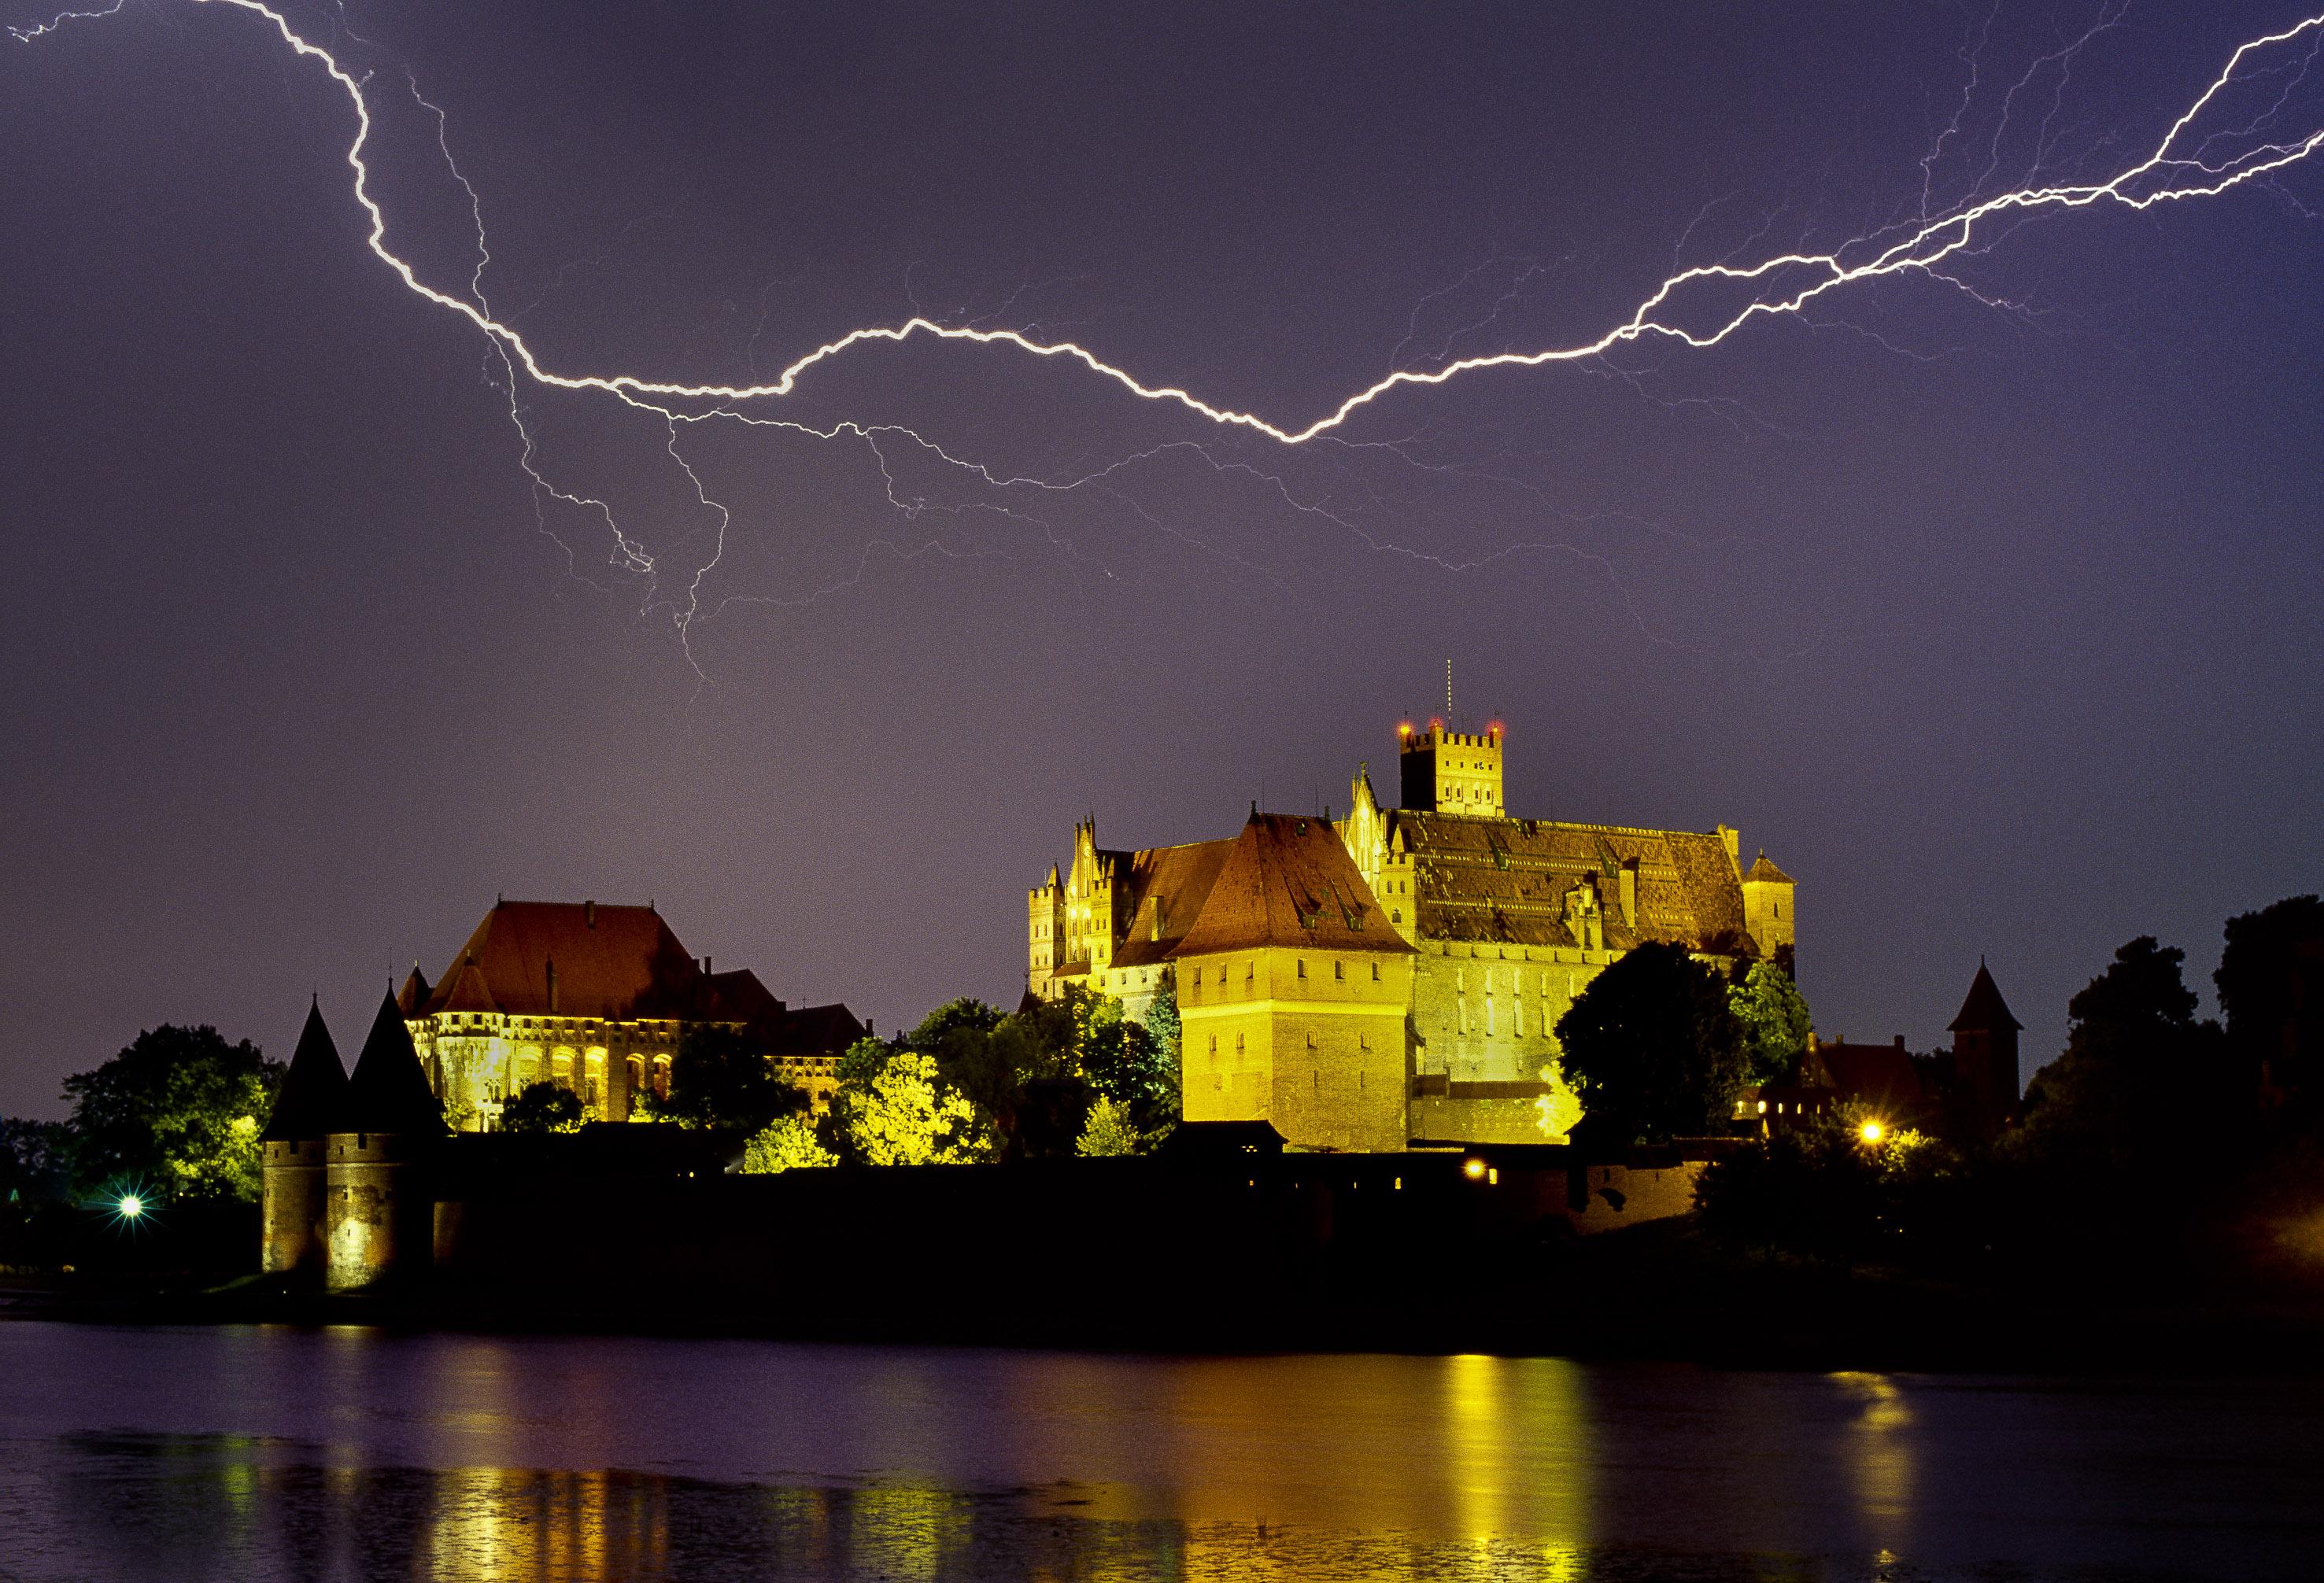 Marienburg Blitz_02